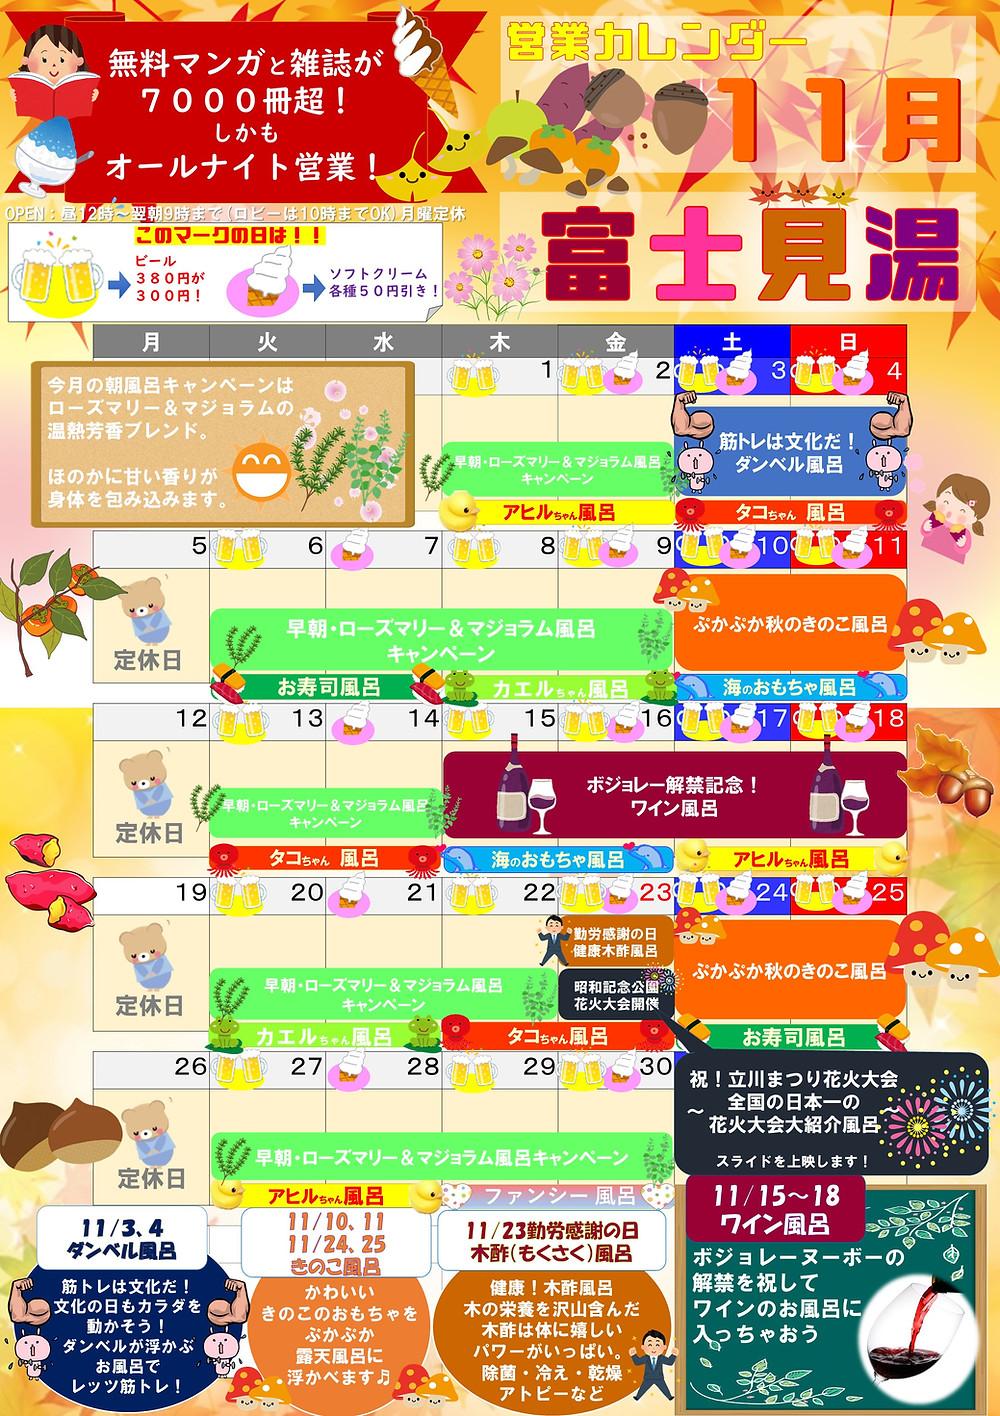 富士見湯11月イベントカレンダー